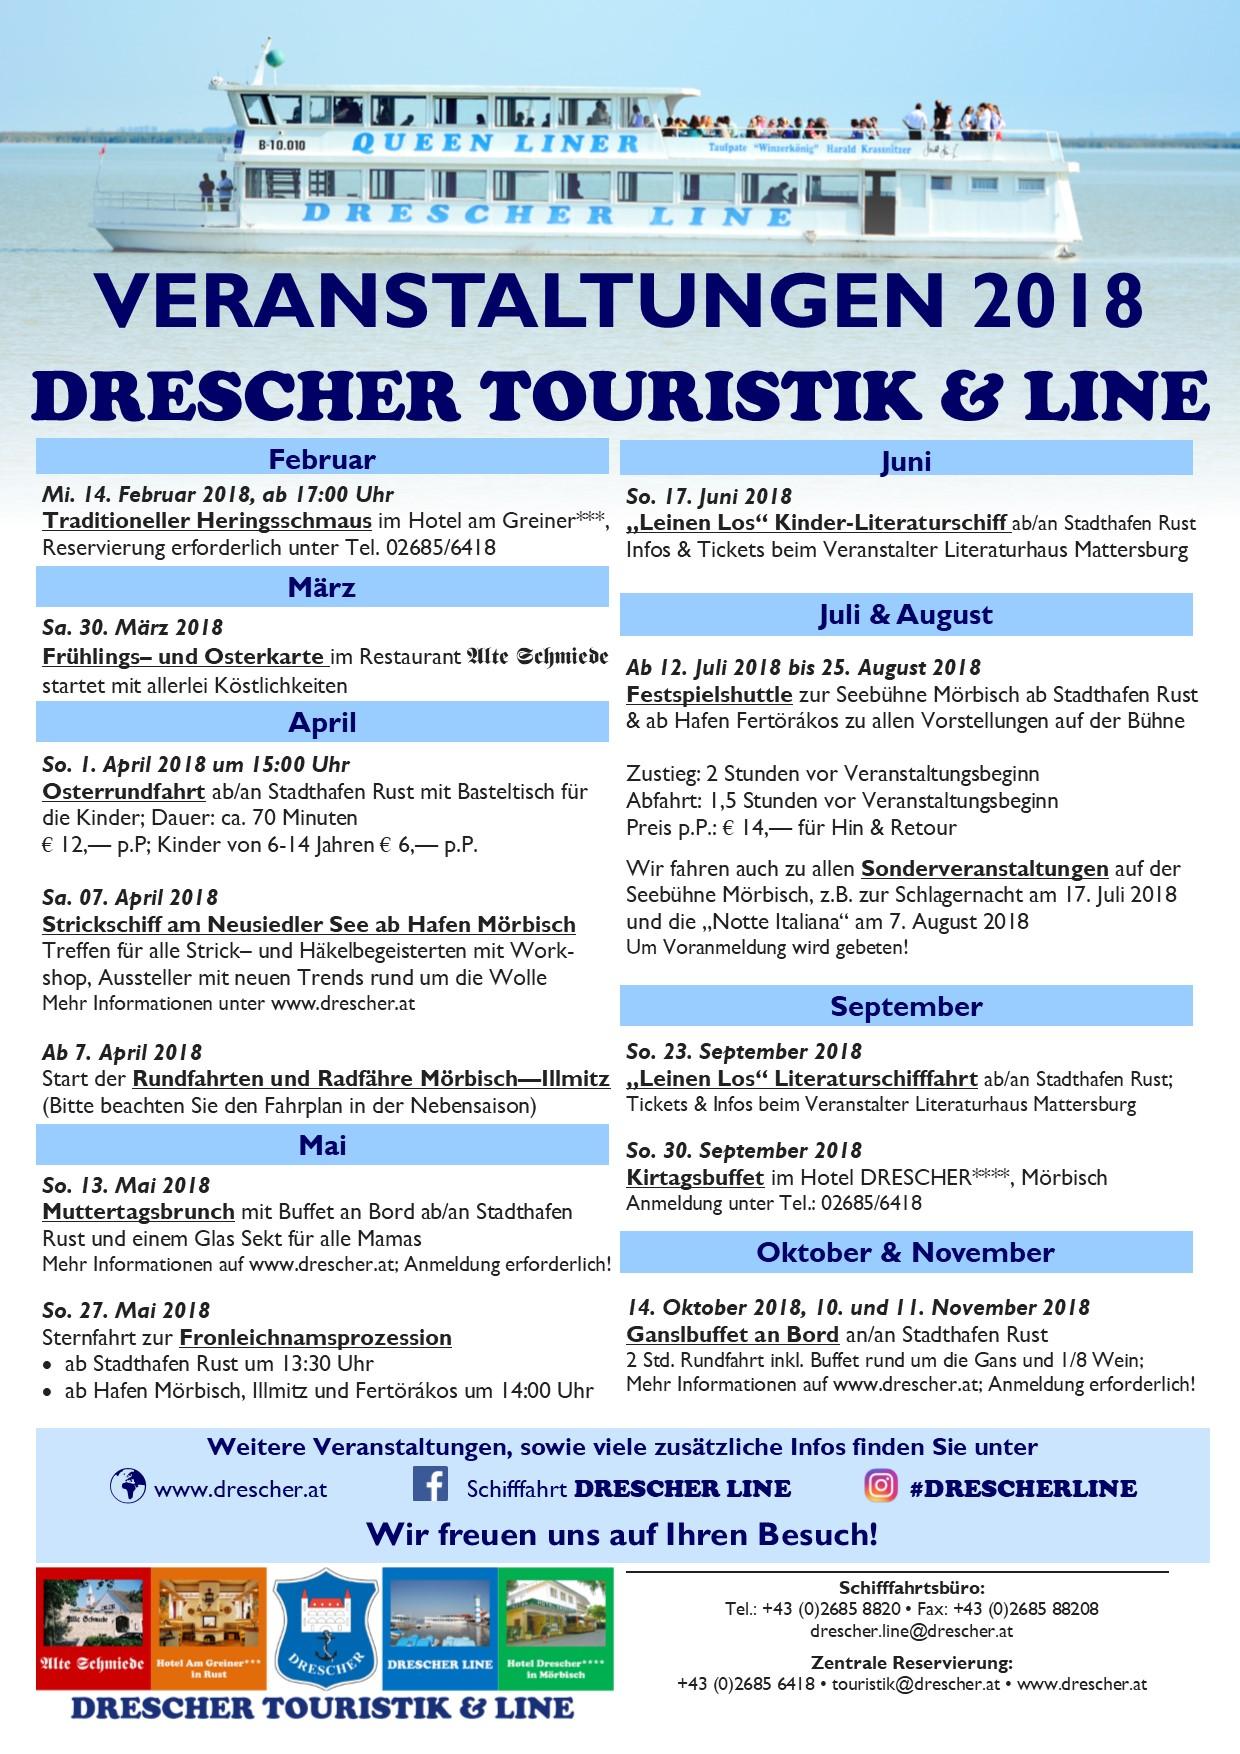 Fahrplan 2018 Drescher Touristik